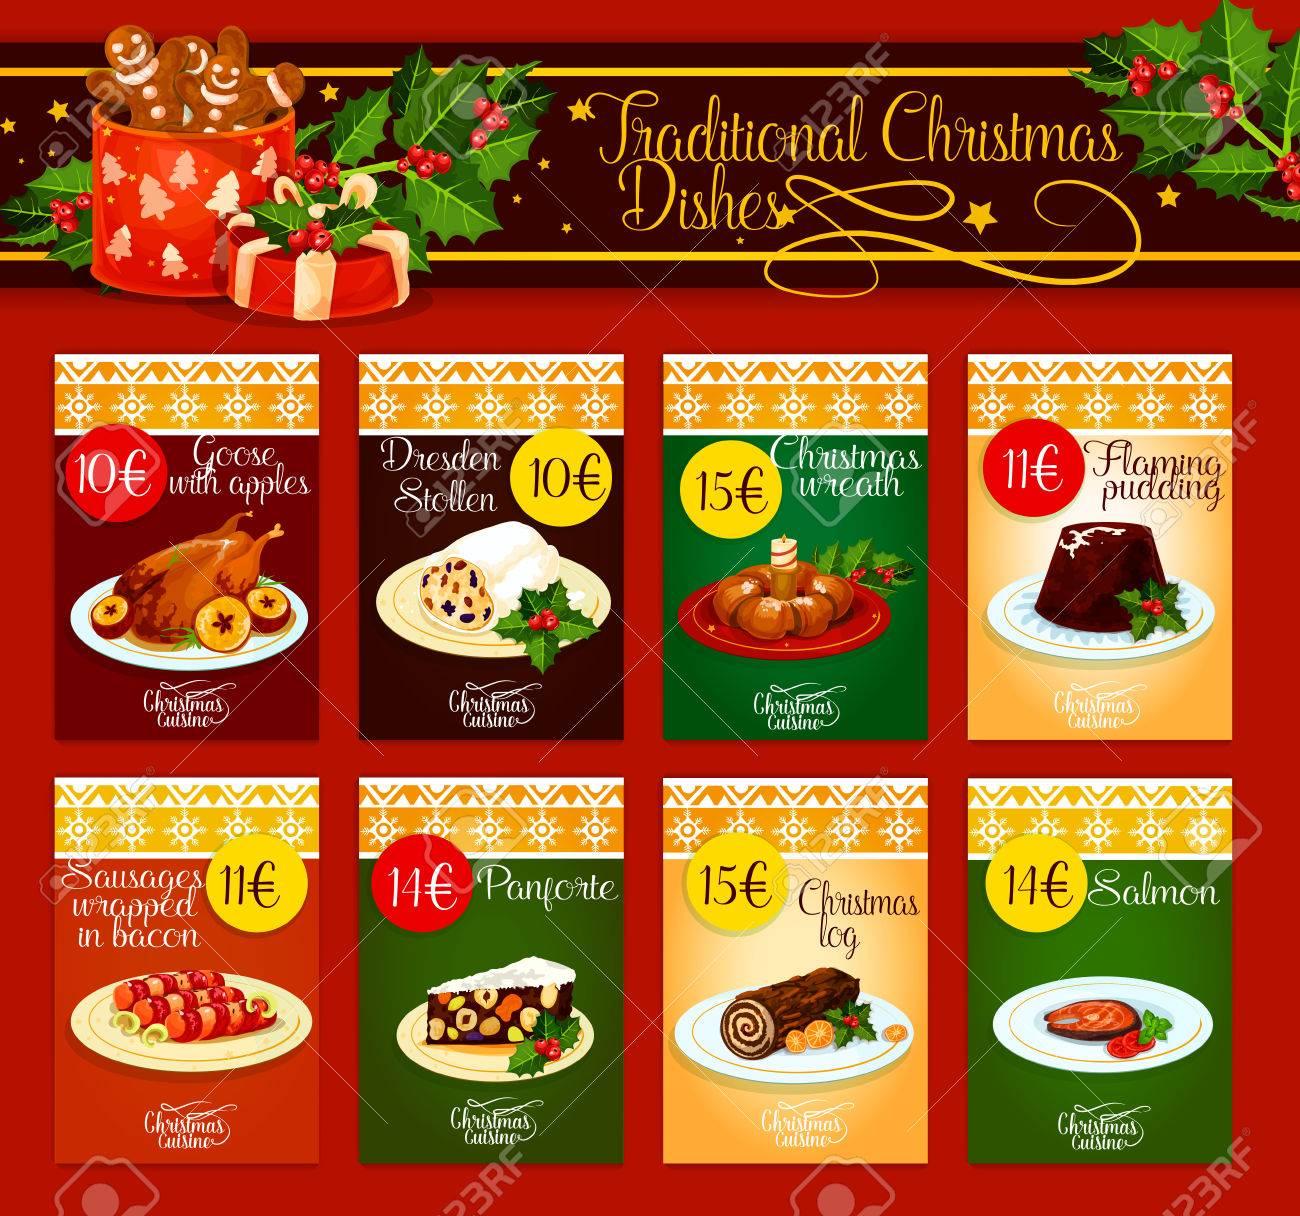 Weihnachtsessen Fleisch.Stock Photo